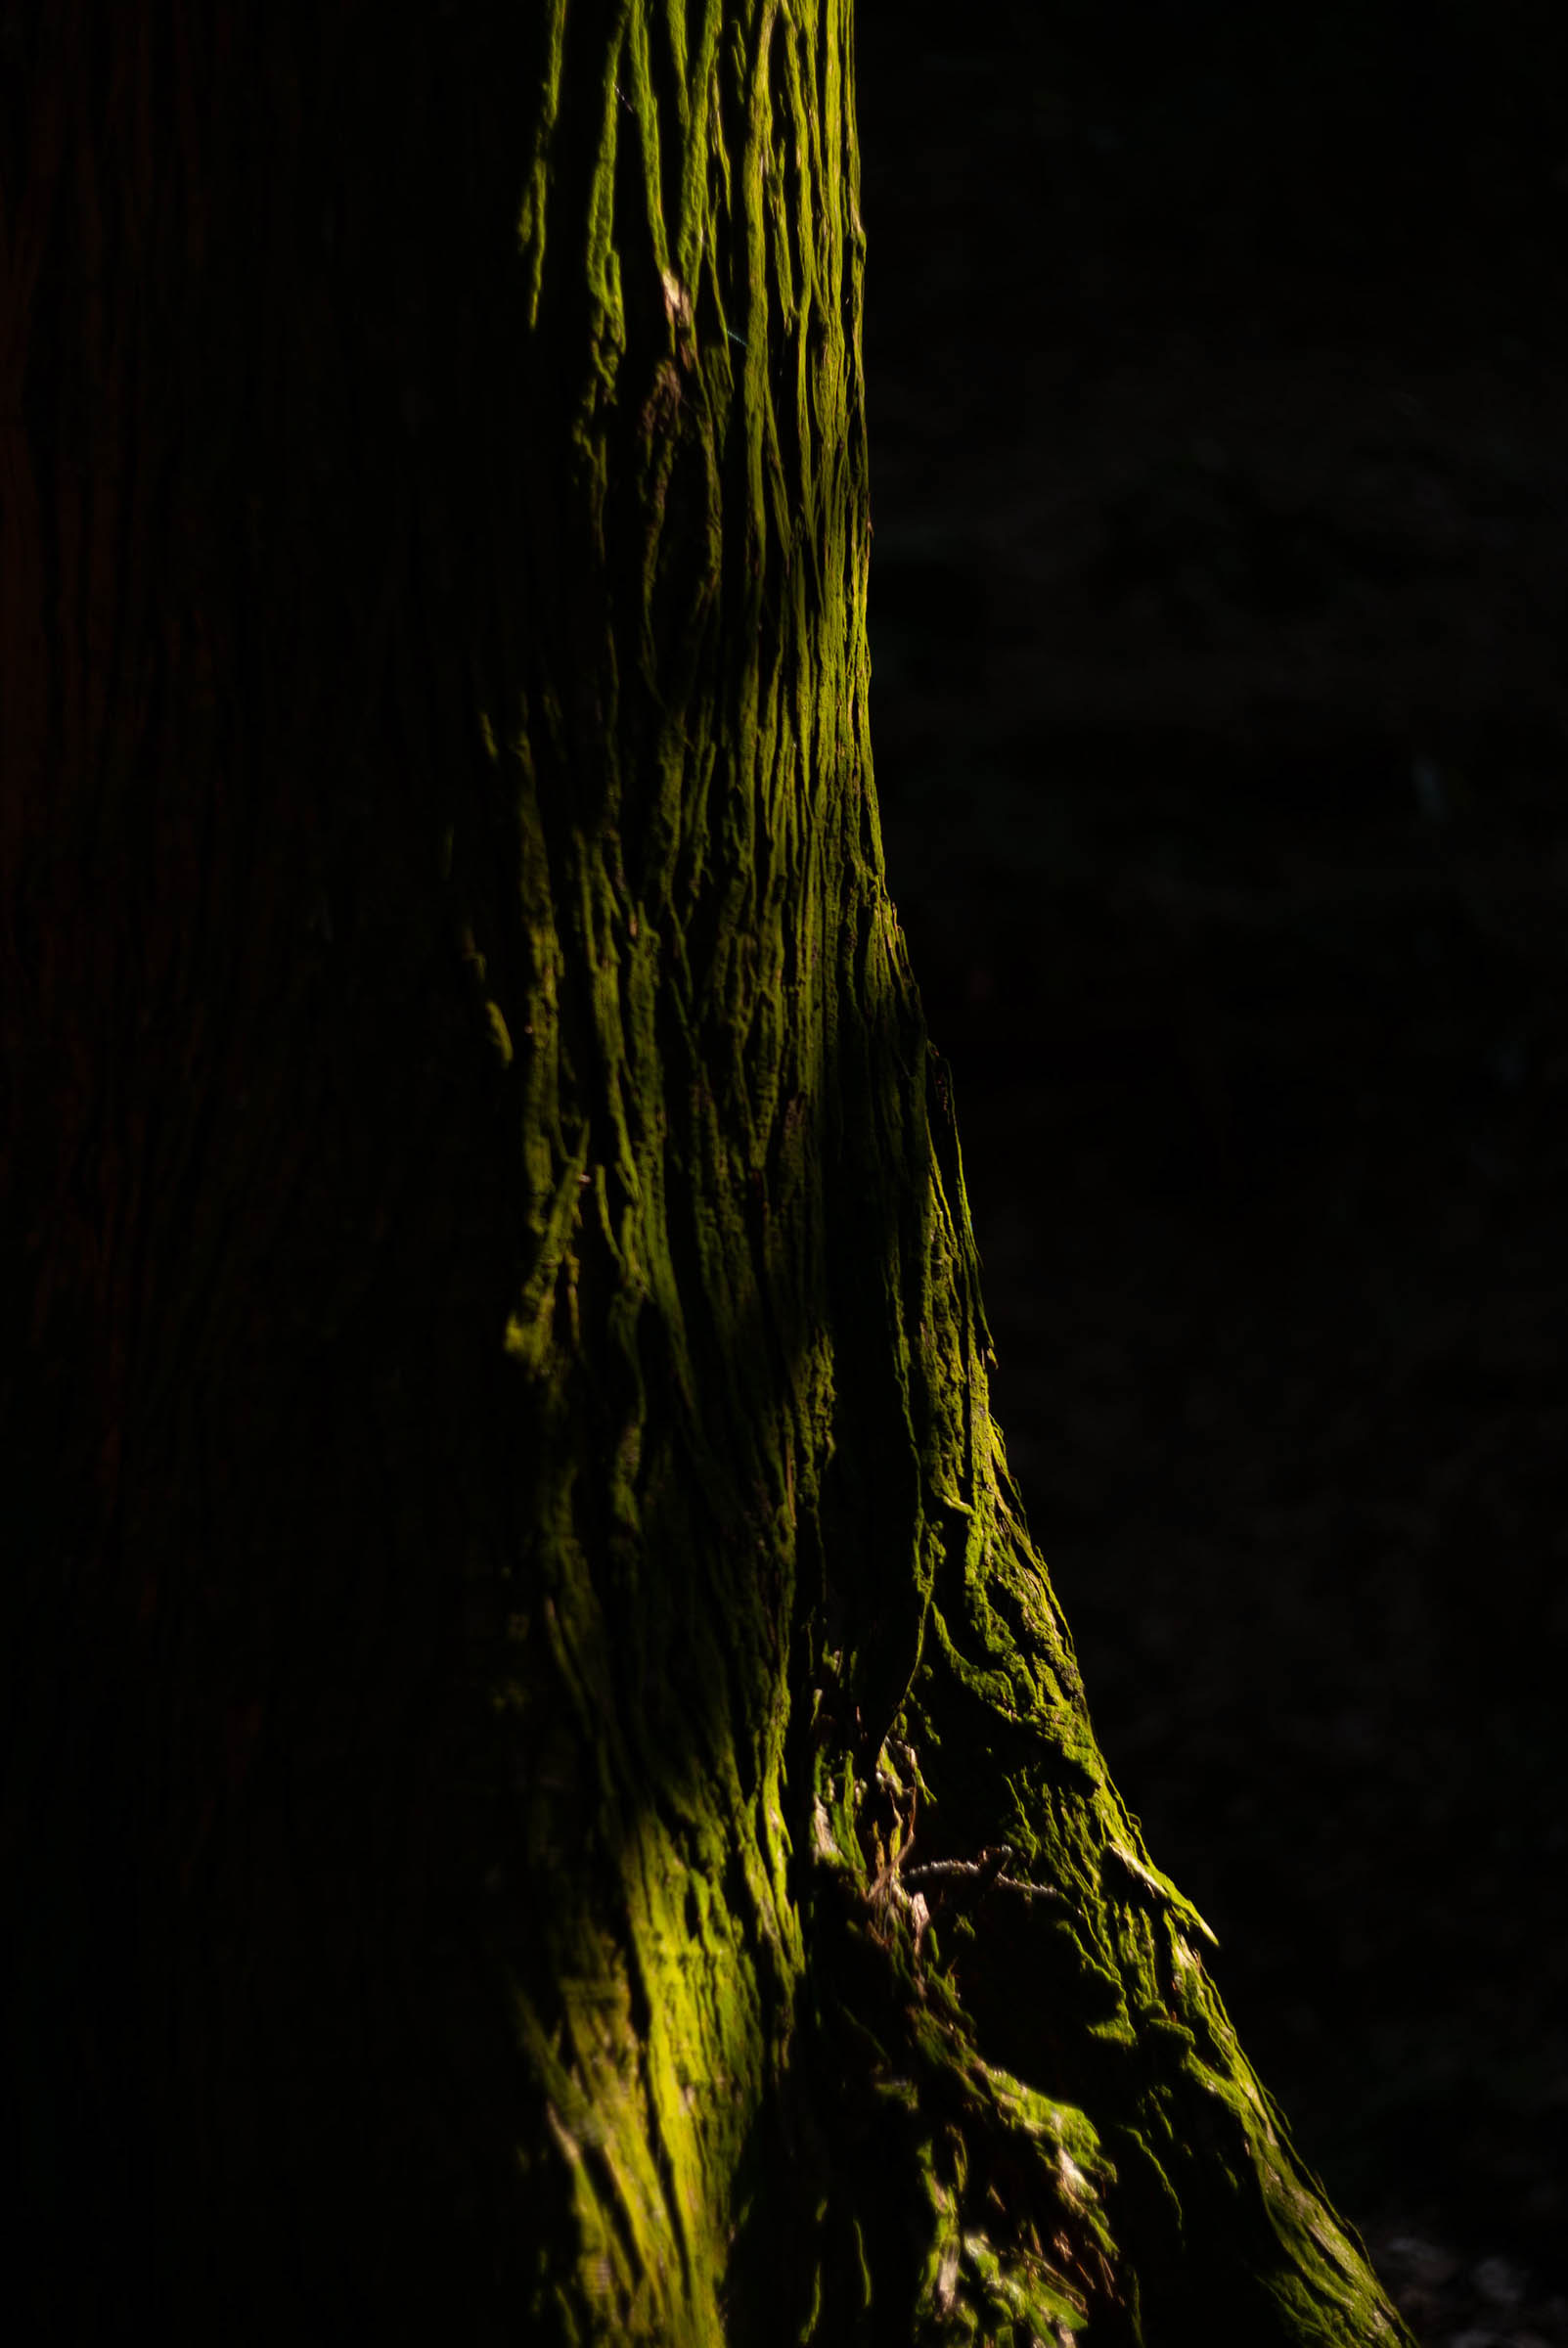 美しい苔むした木